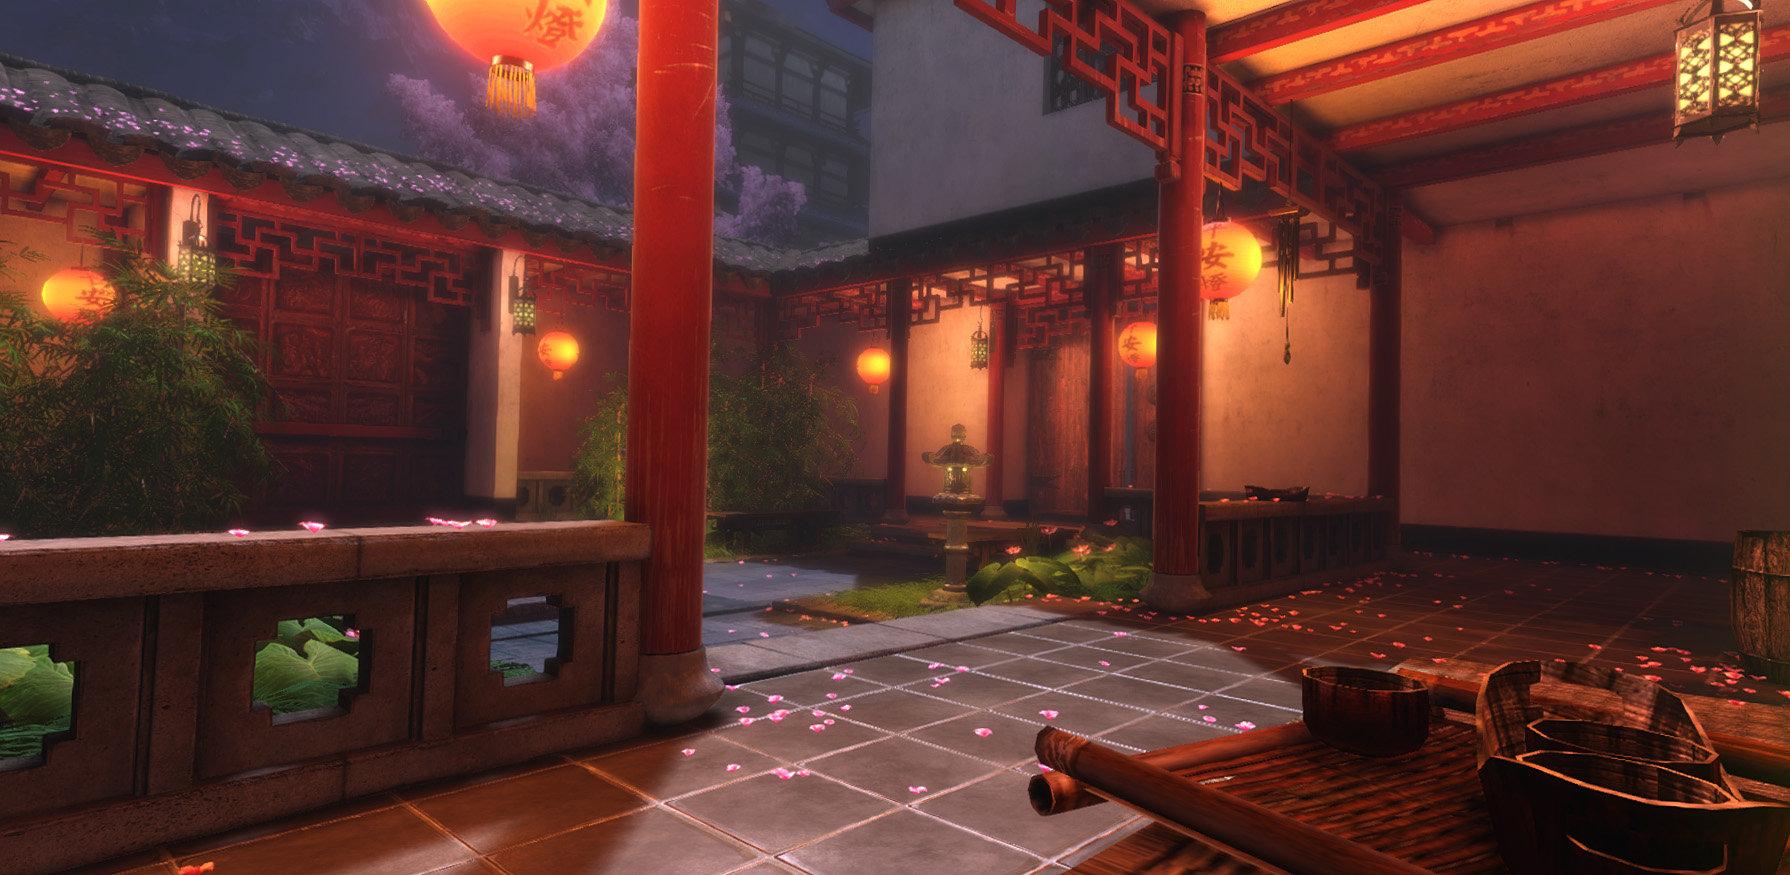 Jeff severson chinese courtyard night 08